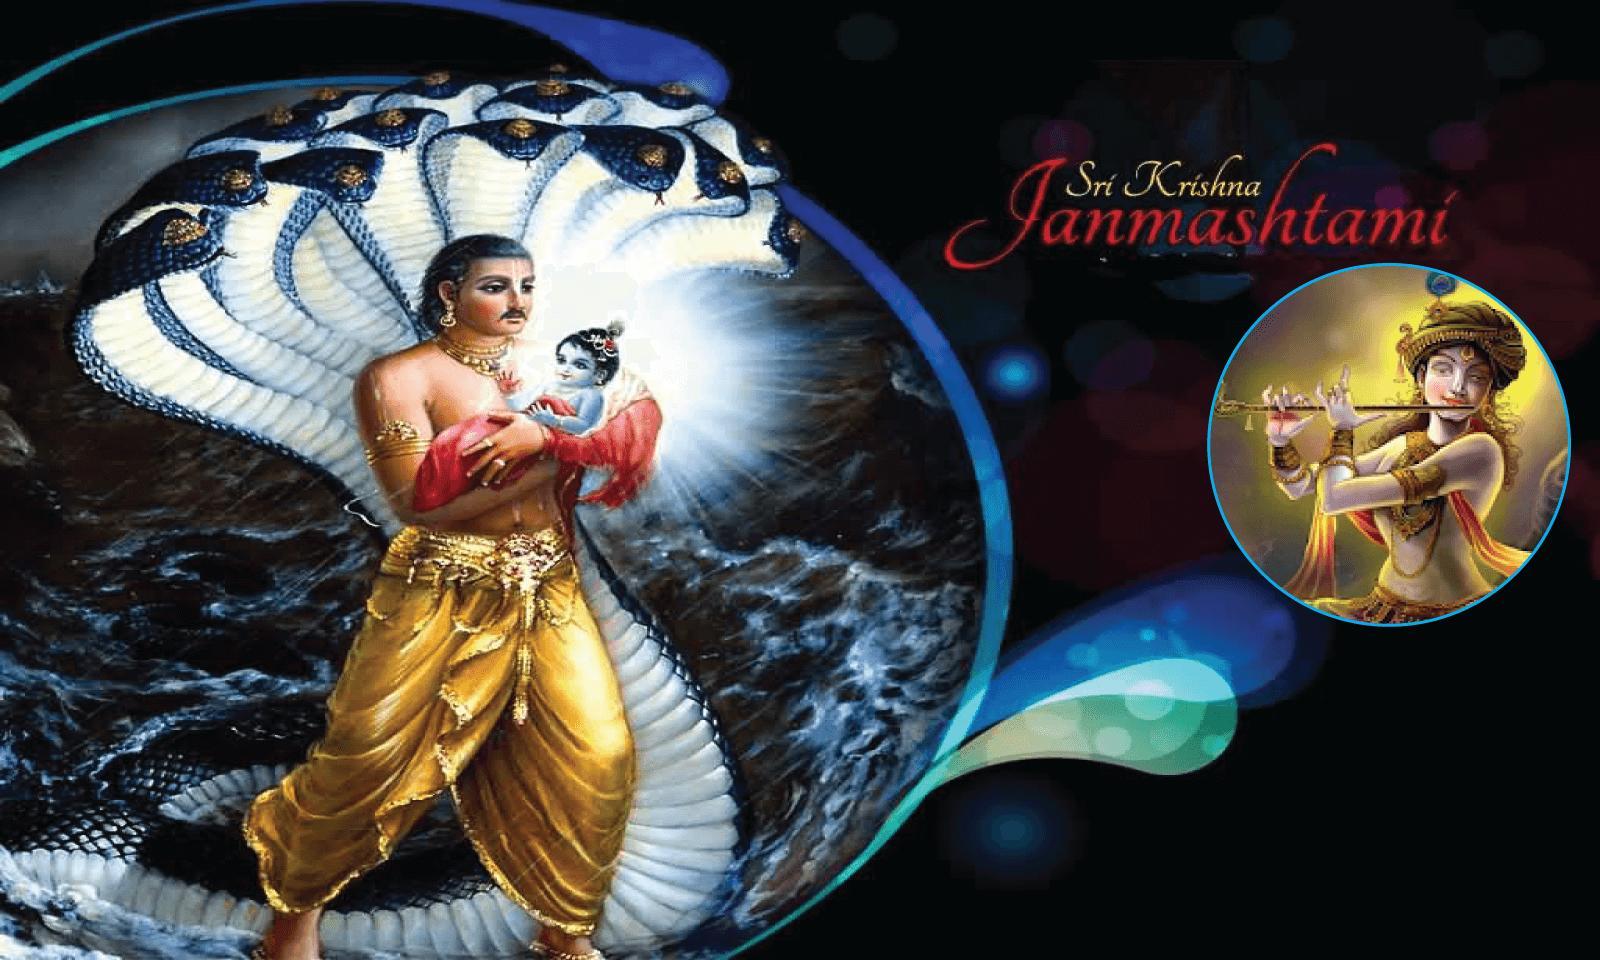 krishna Janmashtami wallpapers, Images